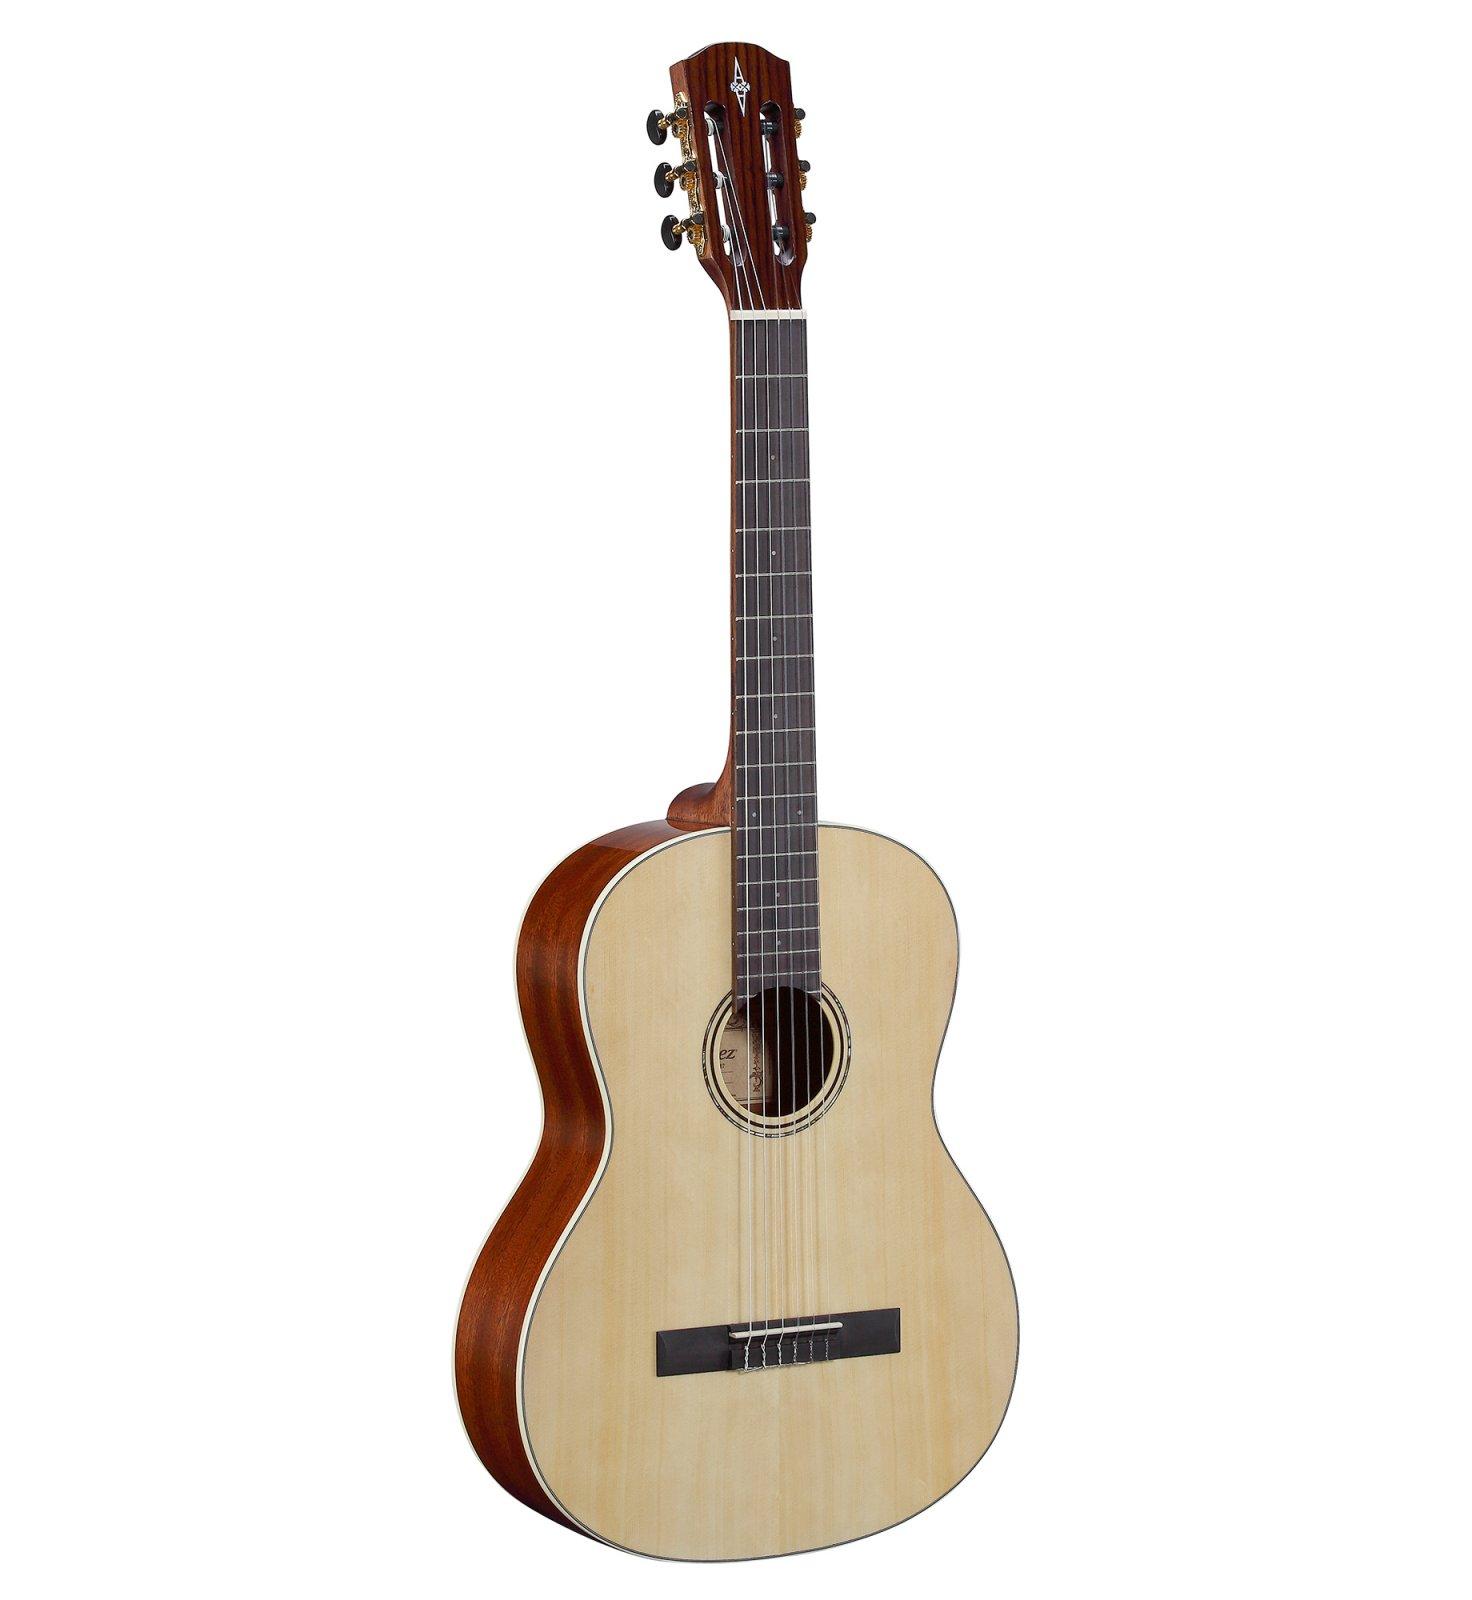 Alvarez RC26 Classical w/ Gig Bag